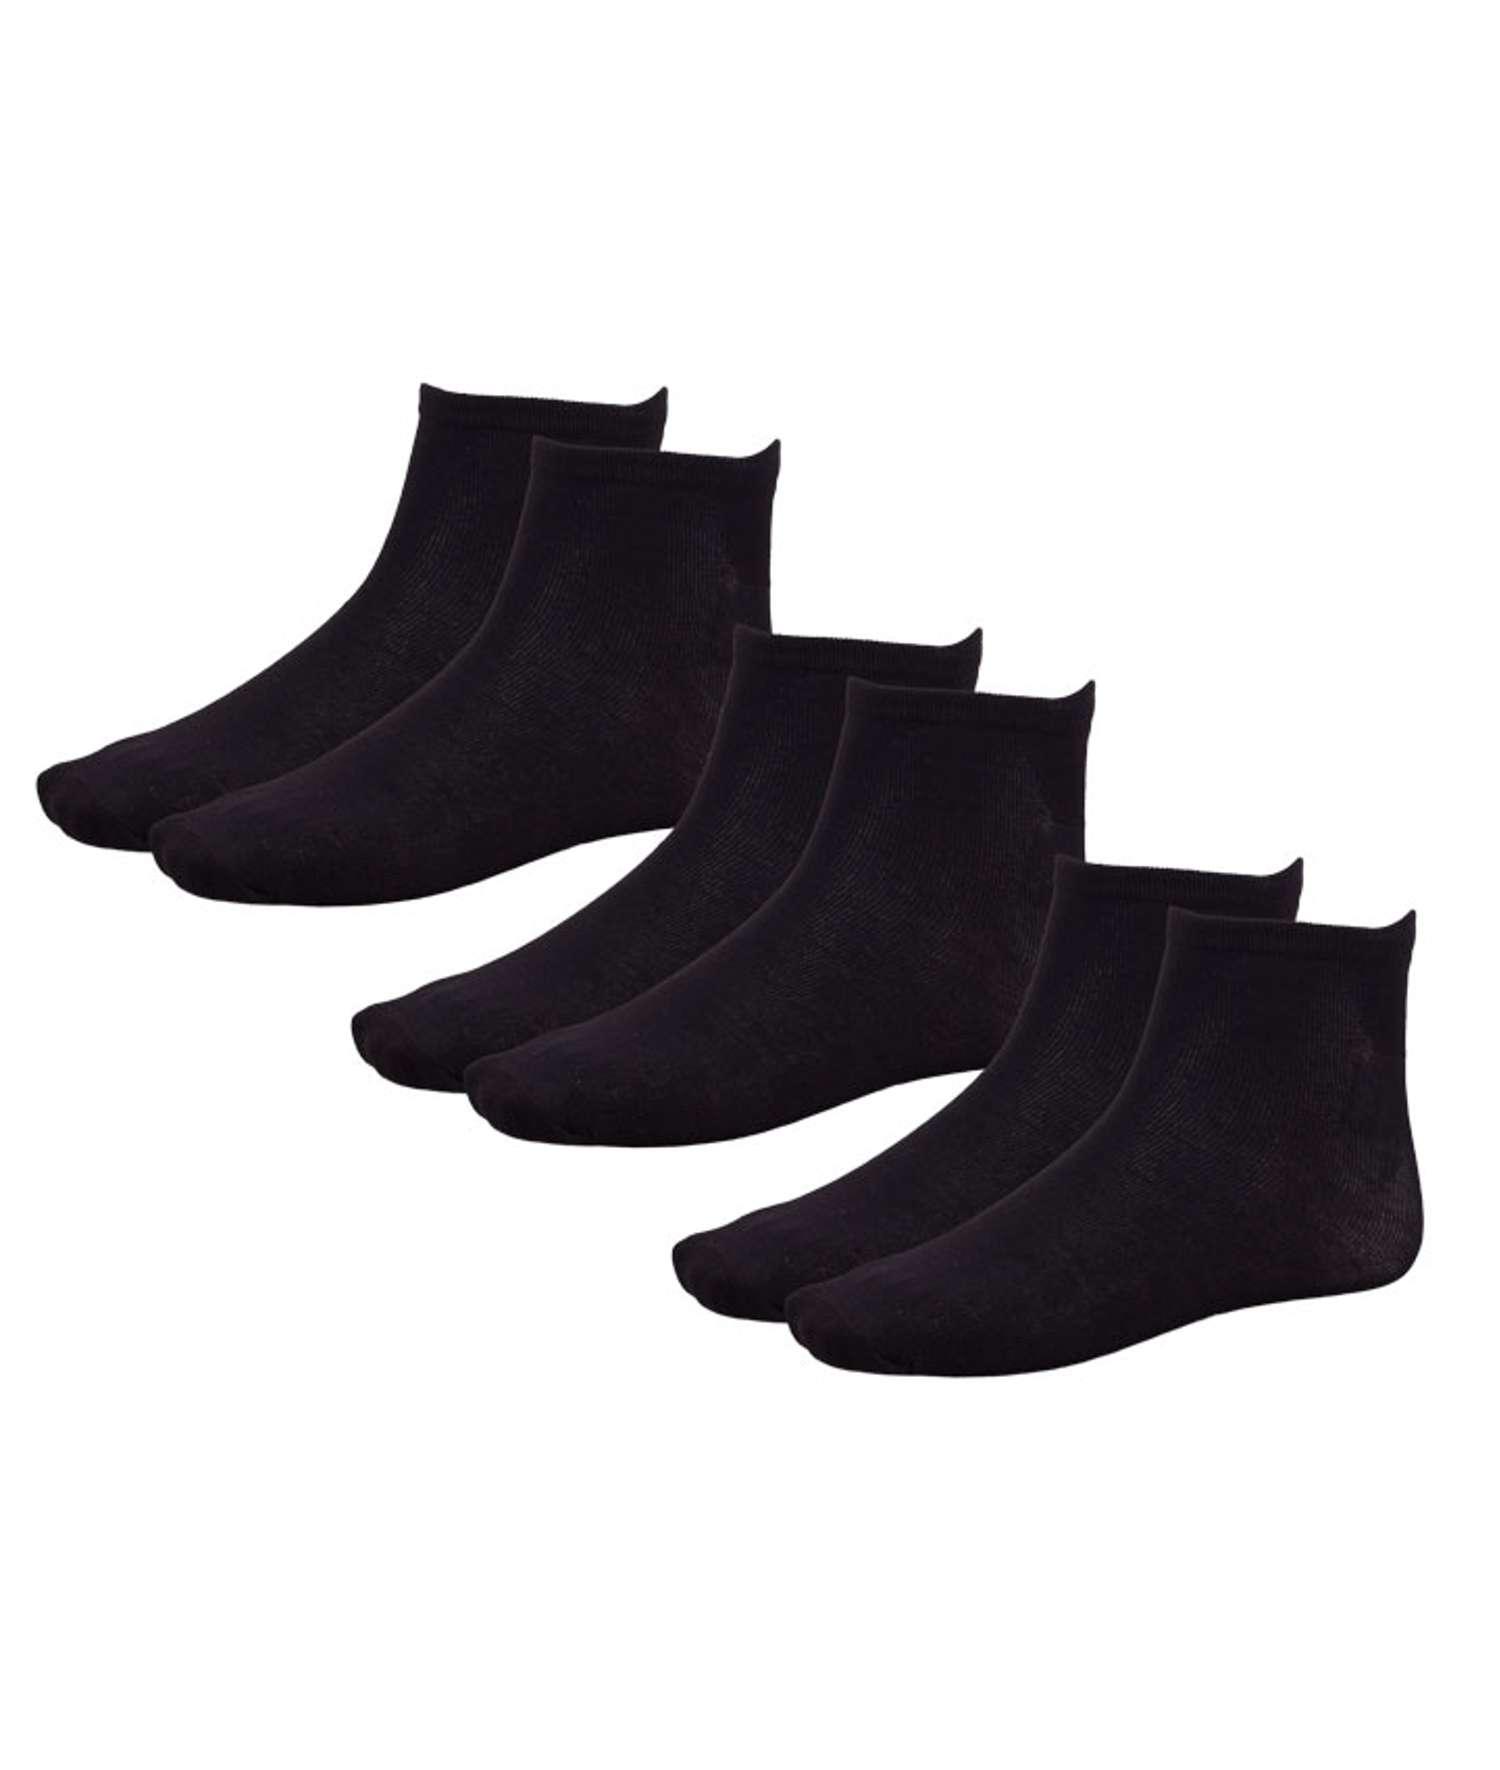 Kopenhaken - Berk herre bambus sokker - Navy - Størrelse 35/38